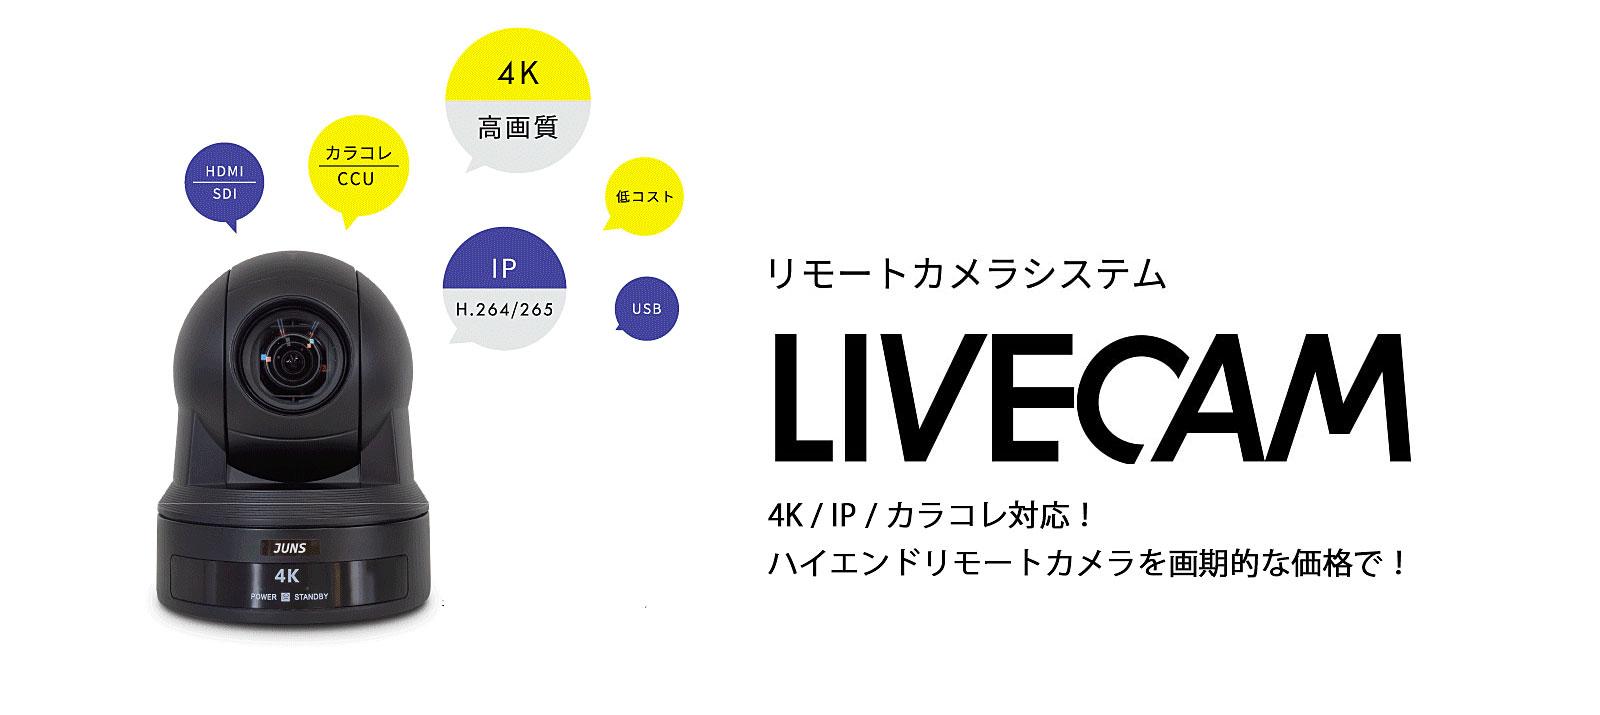 4K/IP対応/HD-SDI対応ハイエンドリモートカメラ